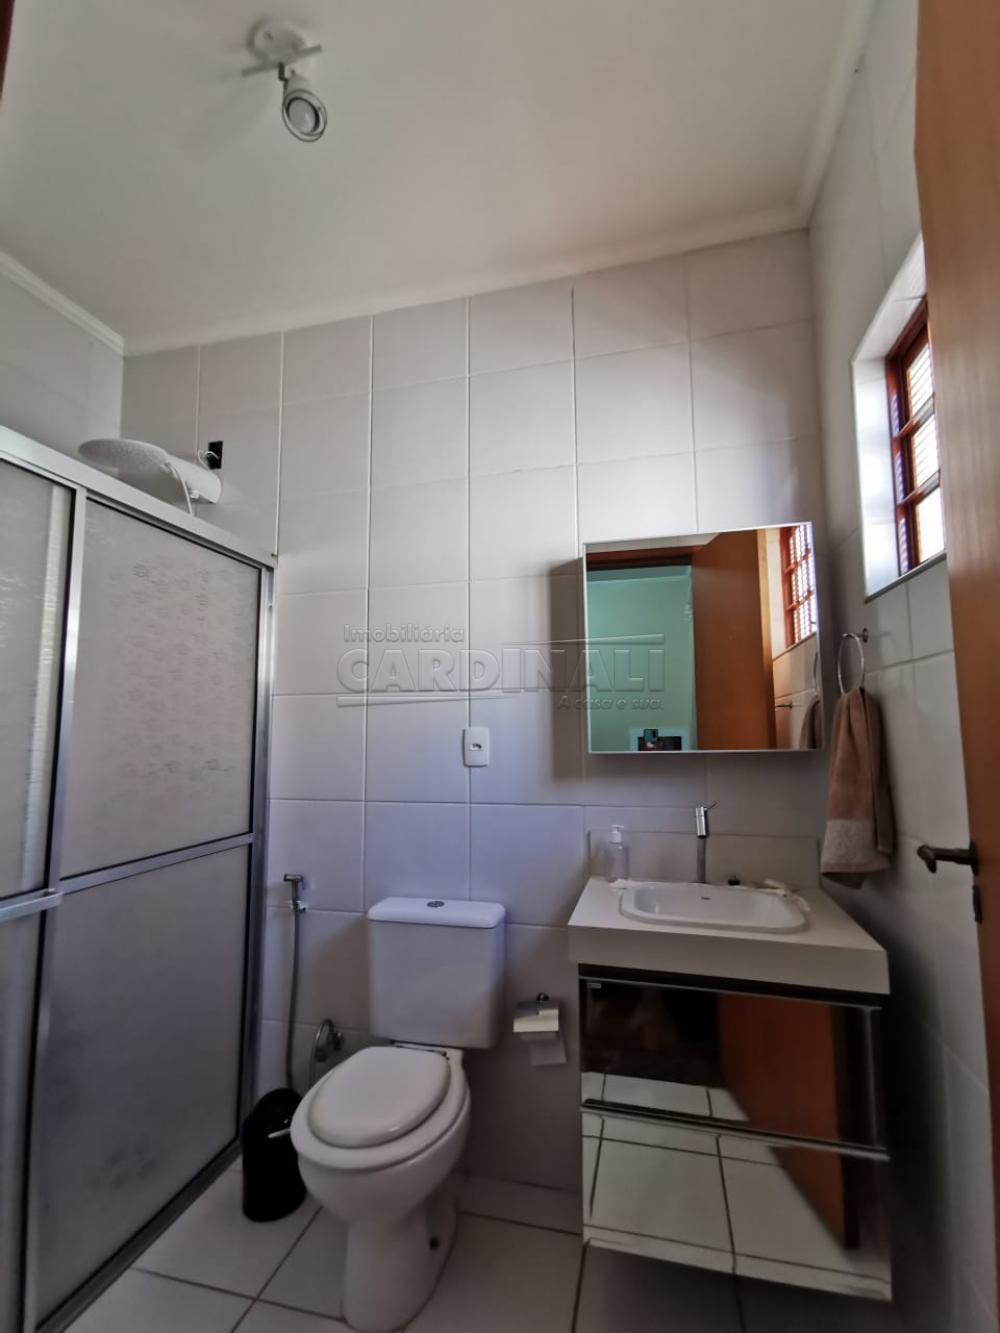 Comprar Casa / Padrão em Araraquara R$ 680.000,00 - Foto 10